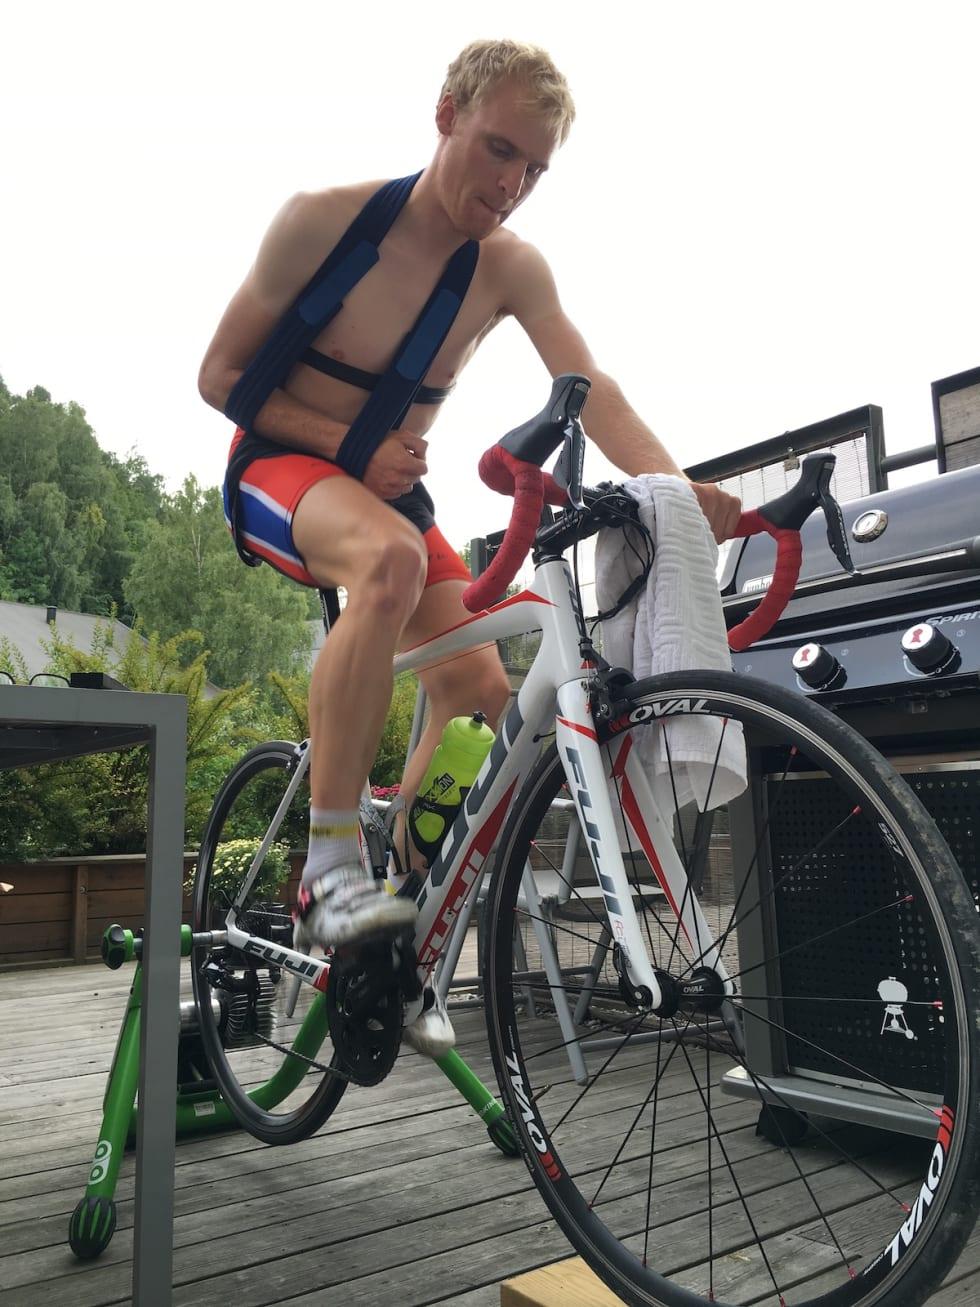 Da Lars Granberg brakk kragebeinet sommeren 2016, brukte han rulla under opptreningen.